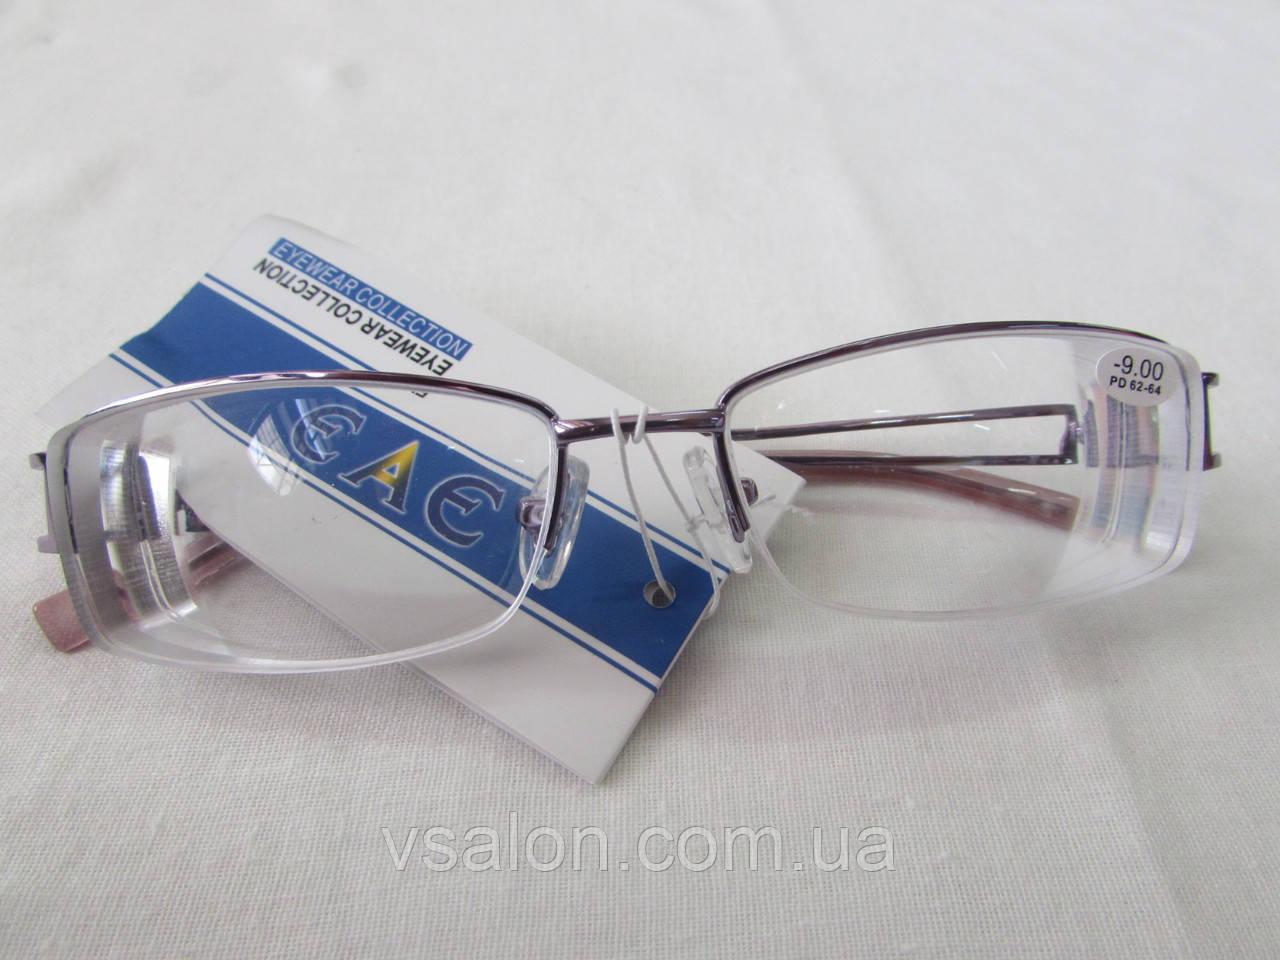 Очки с диоптриями до -10 М010